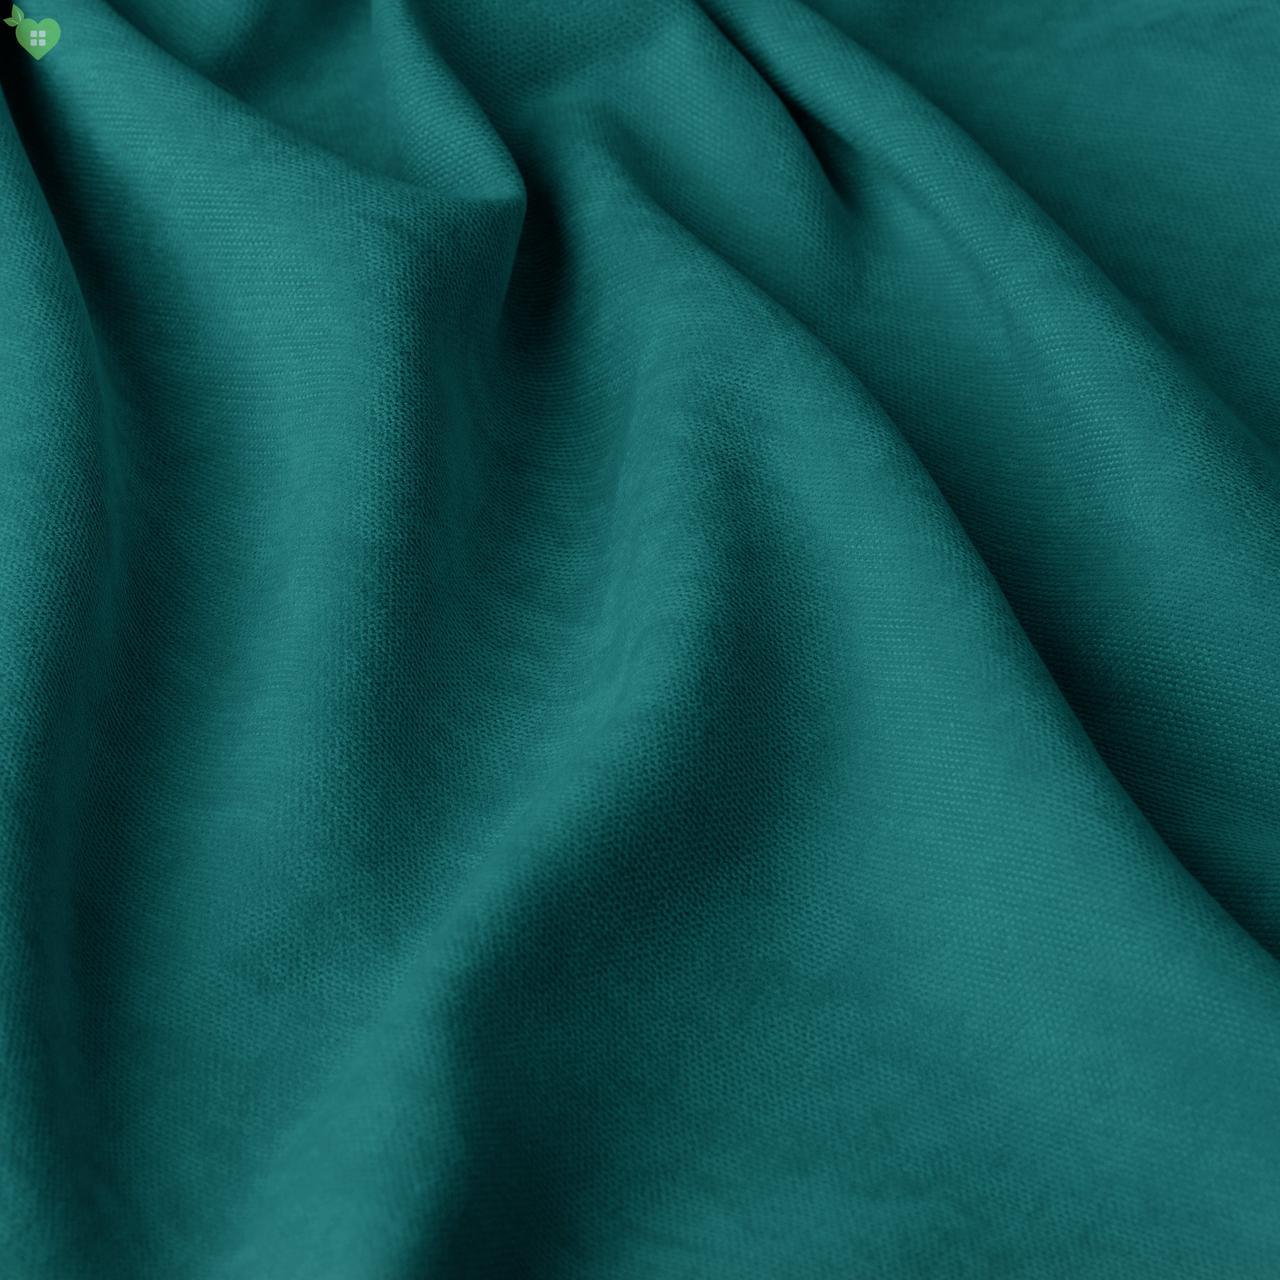 Однотонная декоративная ткань велюр глубокая бирюза Турция 84368v22